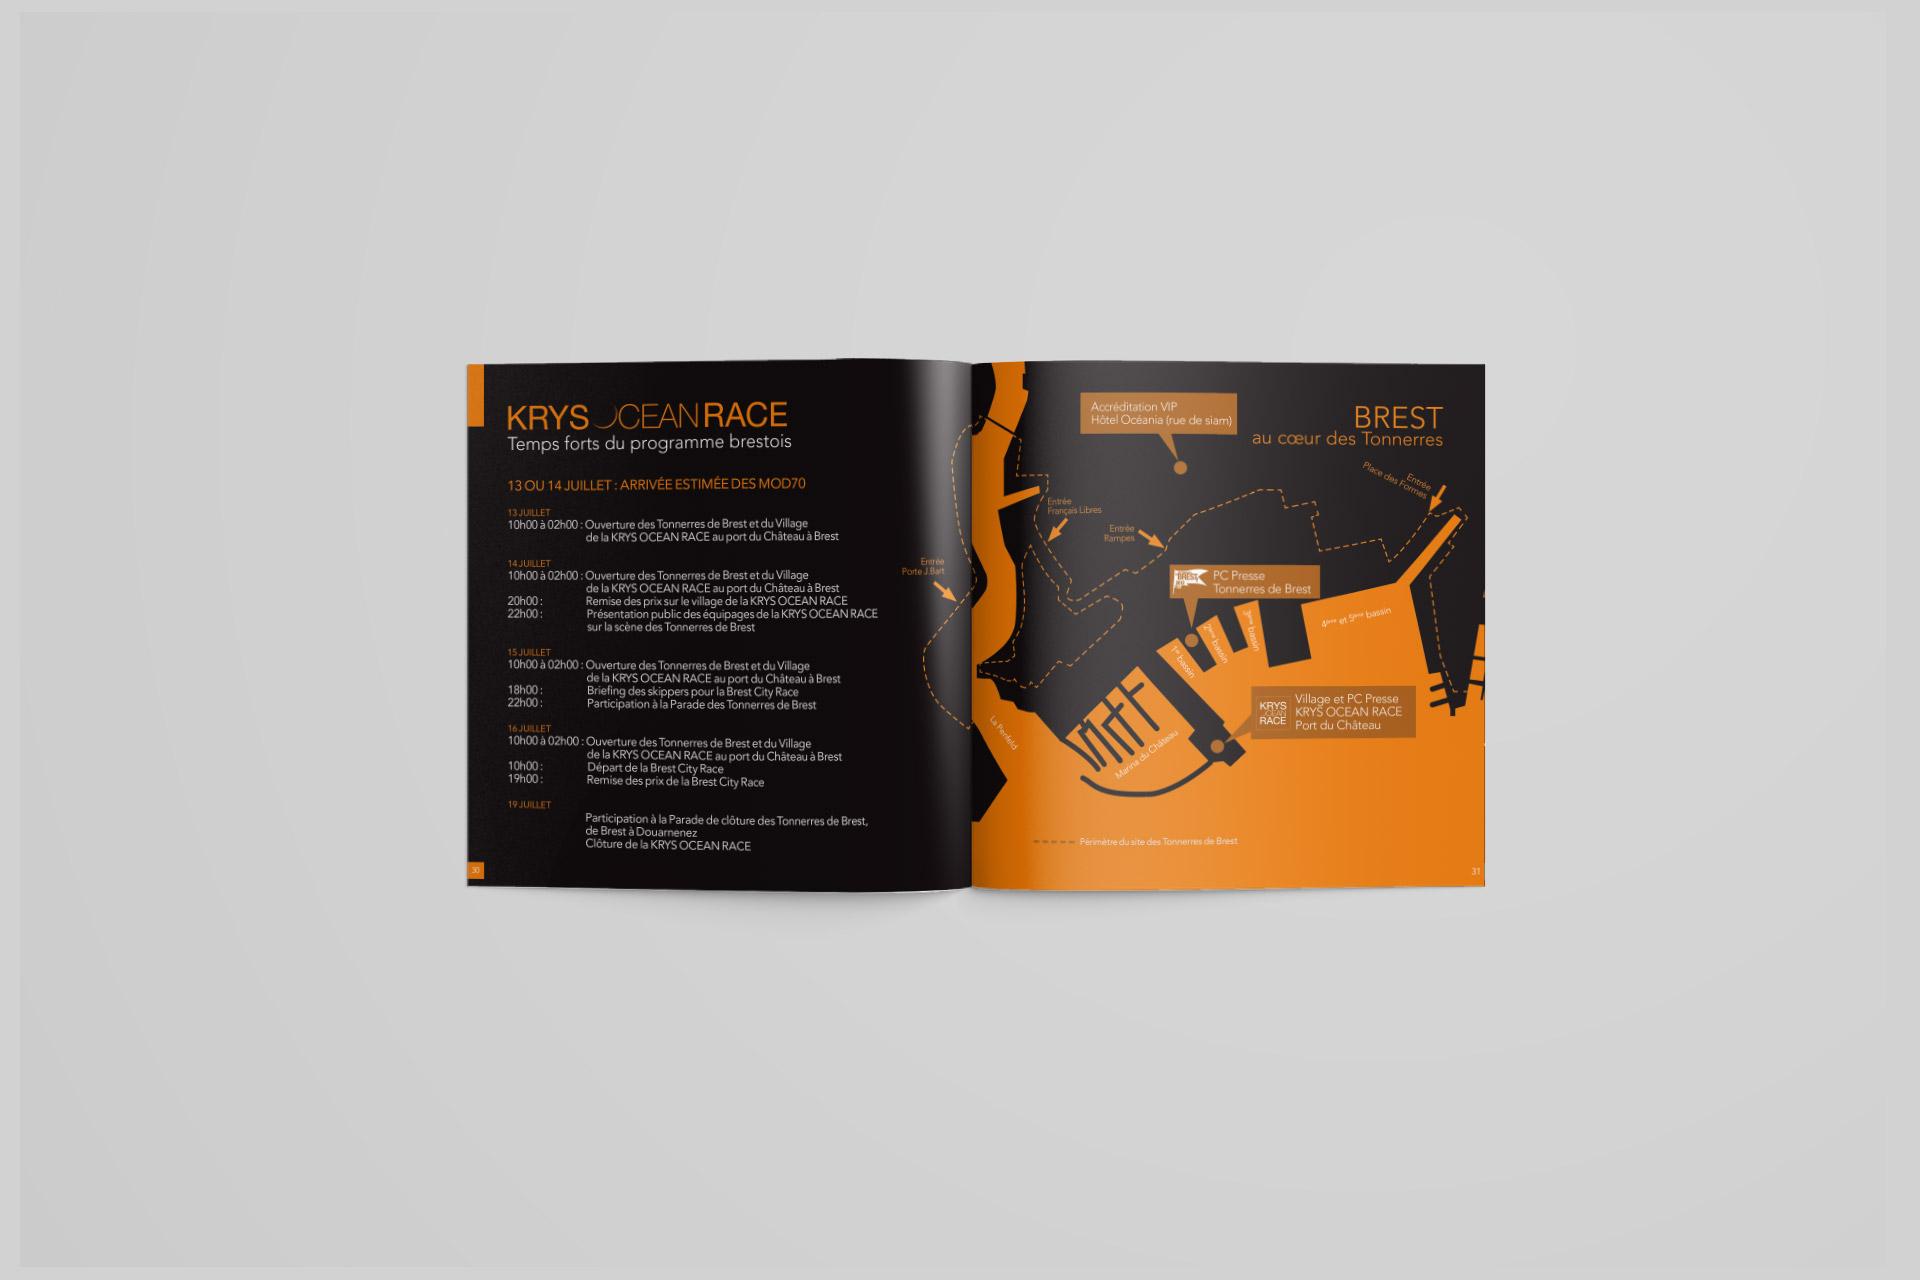 Identité visuelle-Krys Ocean Race